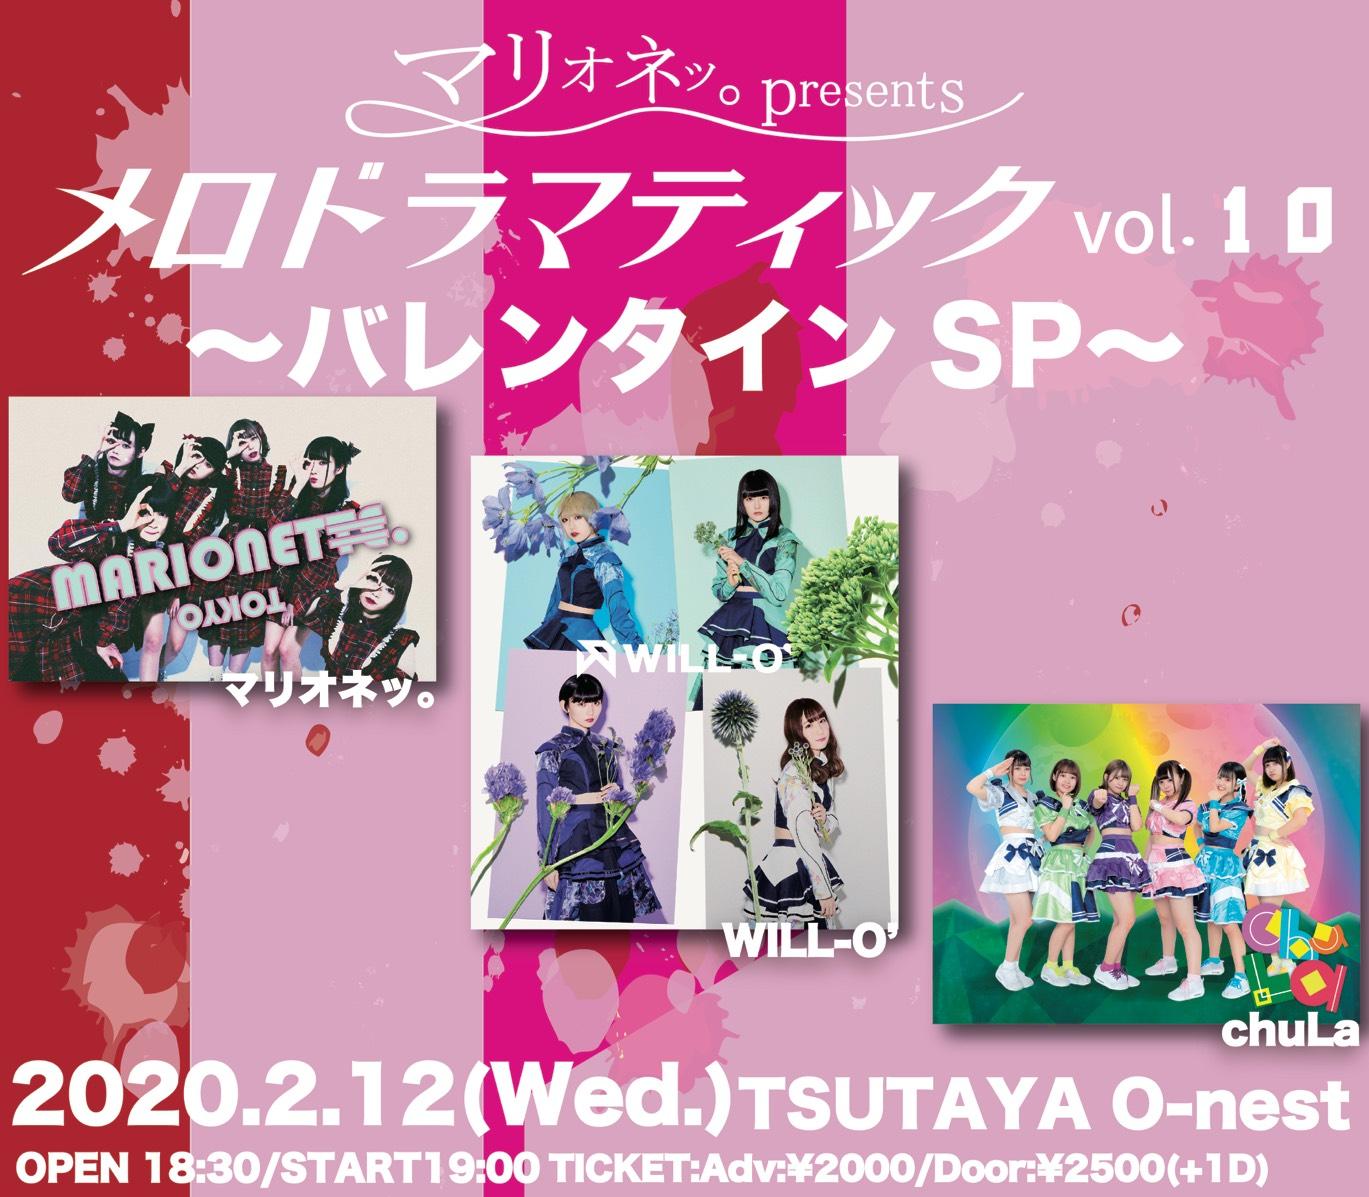 マリオネッ。presents メロドラマティックvol.10〜バレンタインSP〜